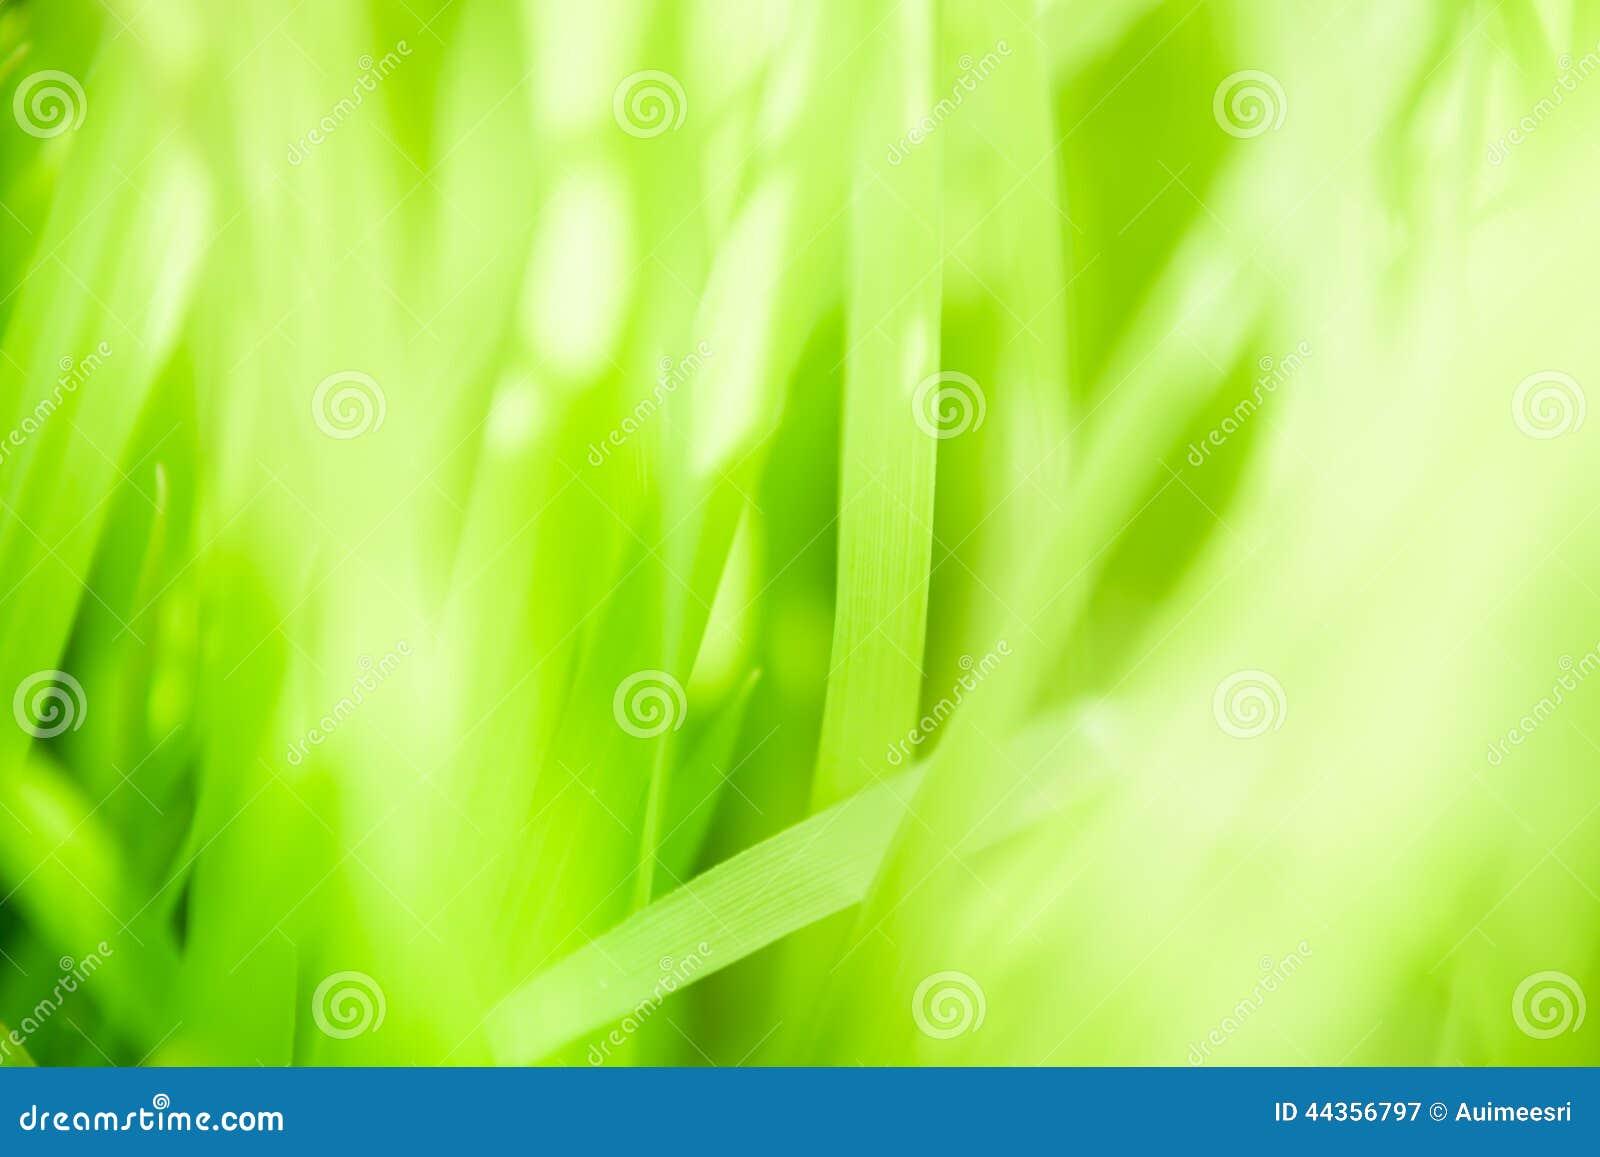 Priorità bassa verde del foglio